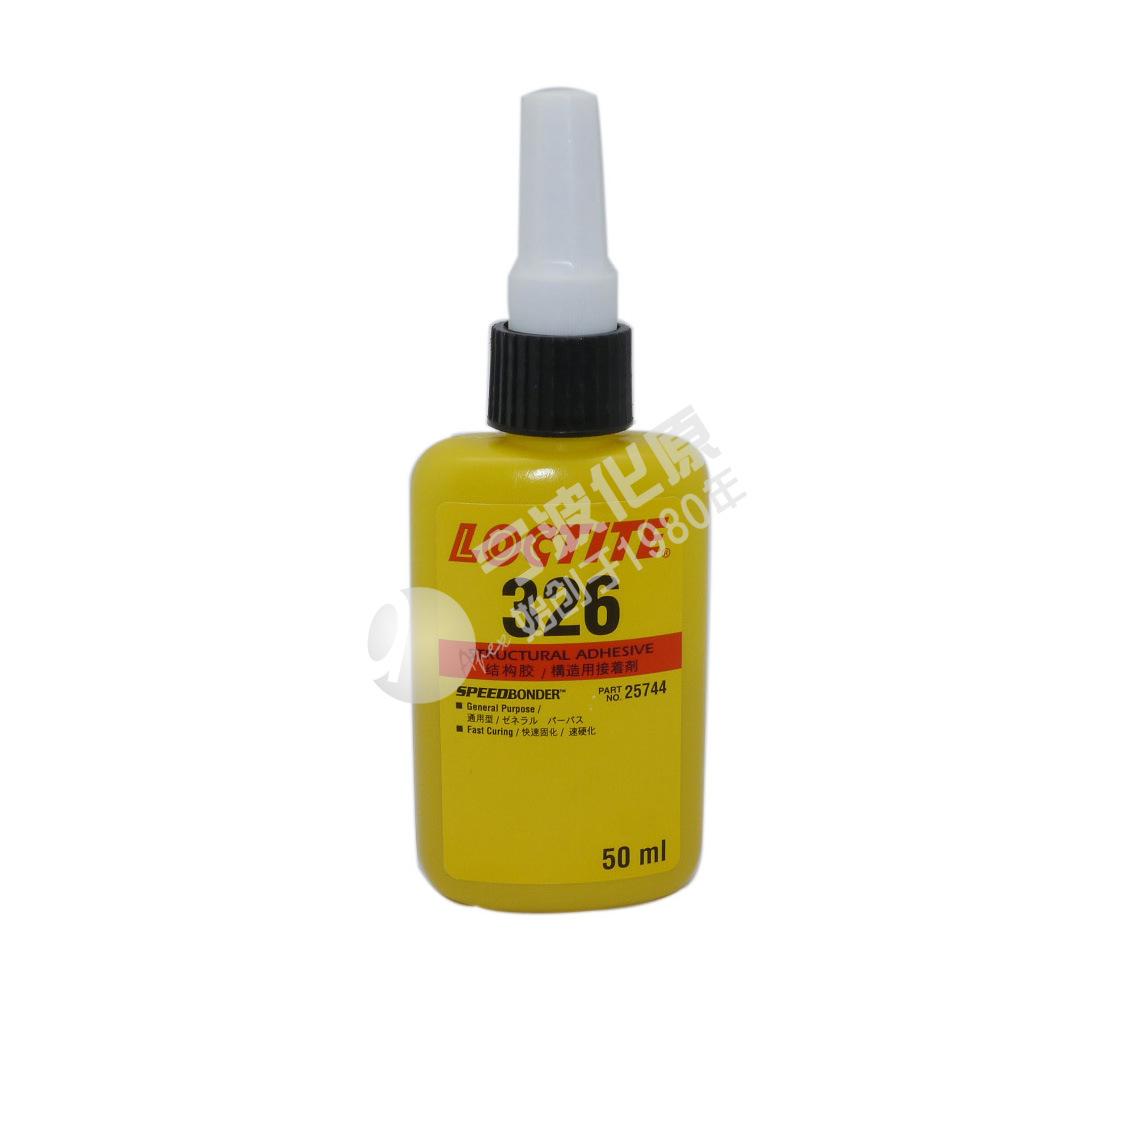 上海乐泰/326/25744结构胶/金属玻璃粘接剂/瞬干胶/50ml